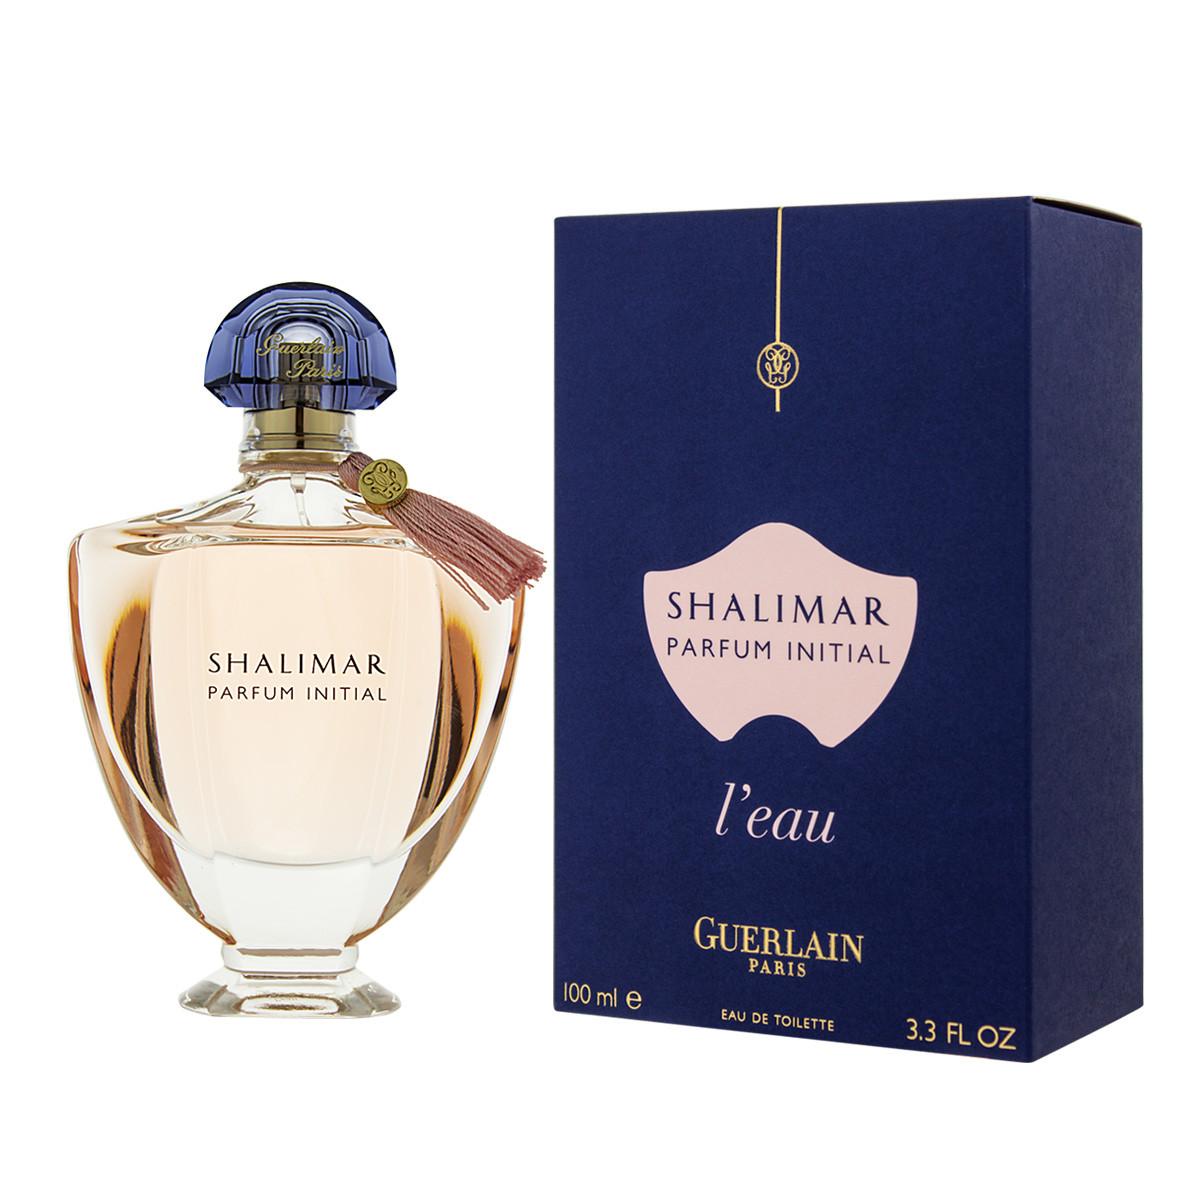 Guerlain Shalimar Parfum Initial Leau Eau De Toilette 100 Ml Woman 90ml